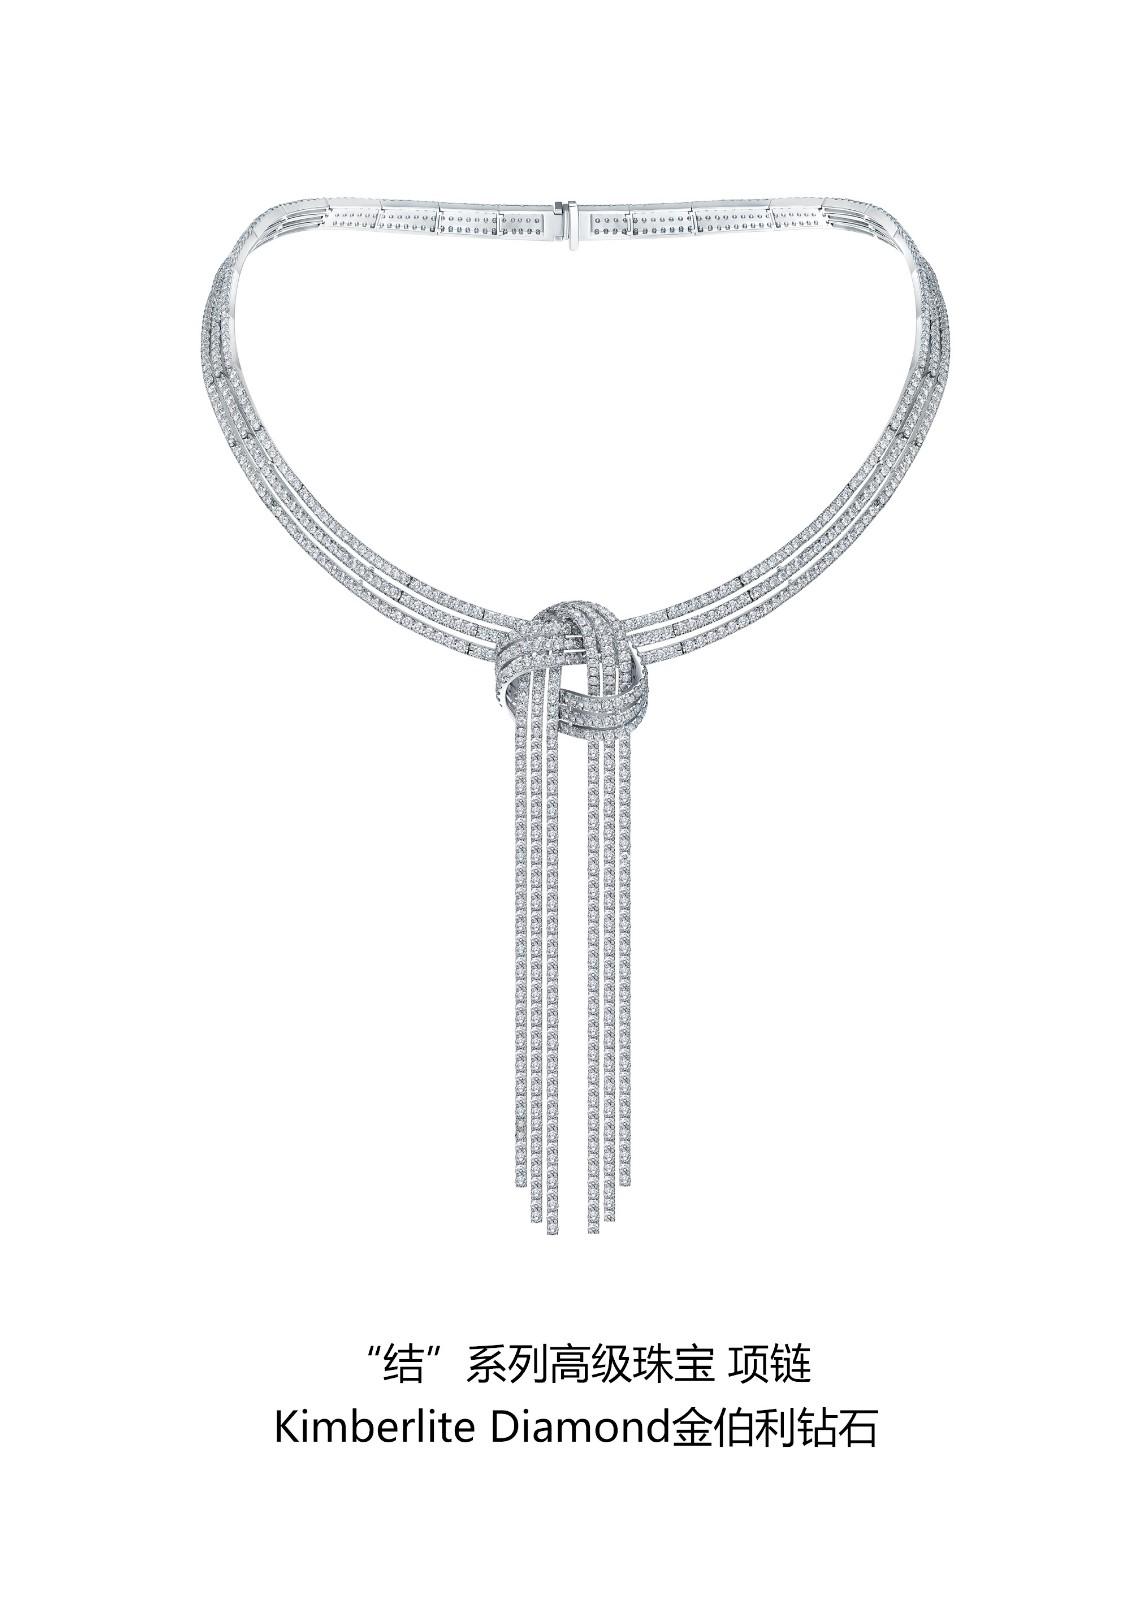 结系列高级珠宝之项链